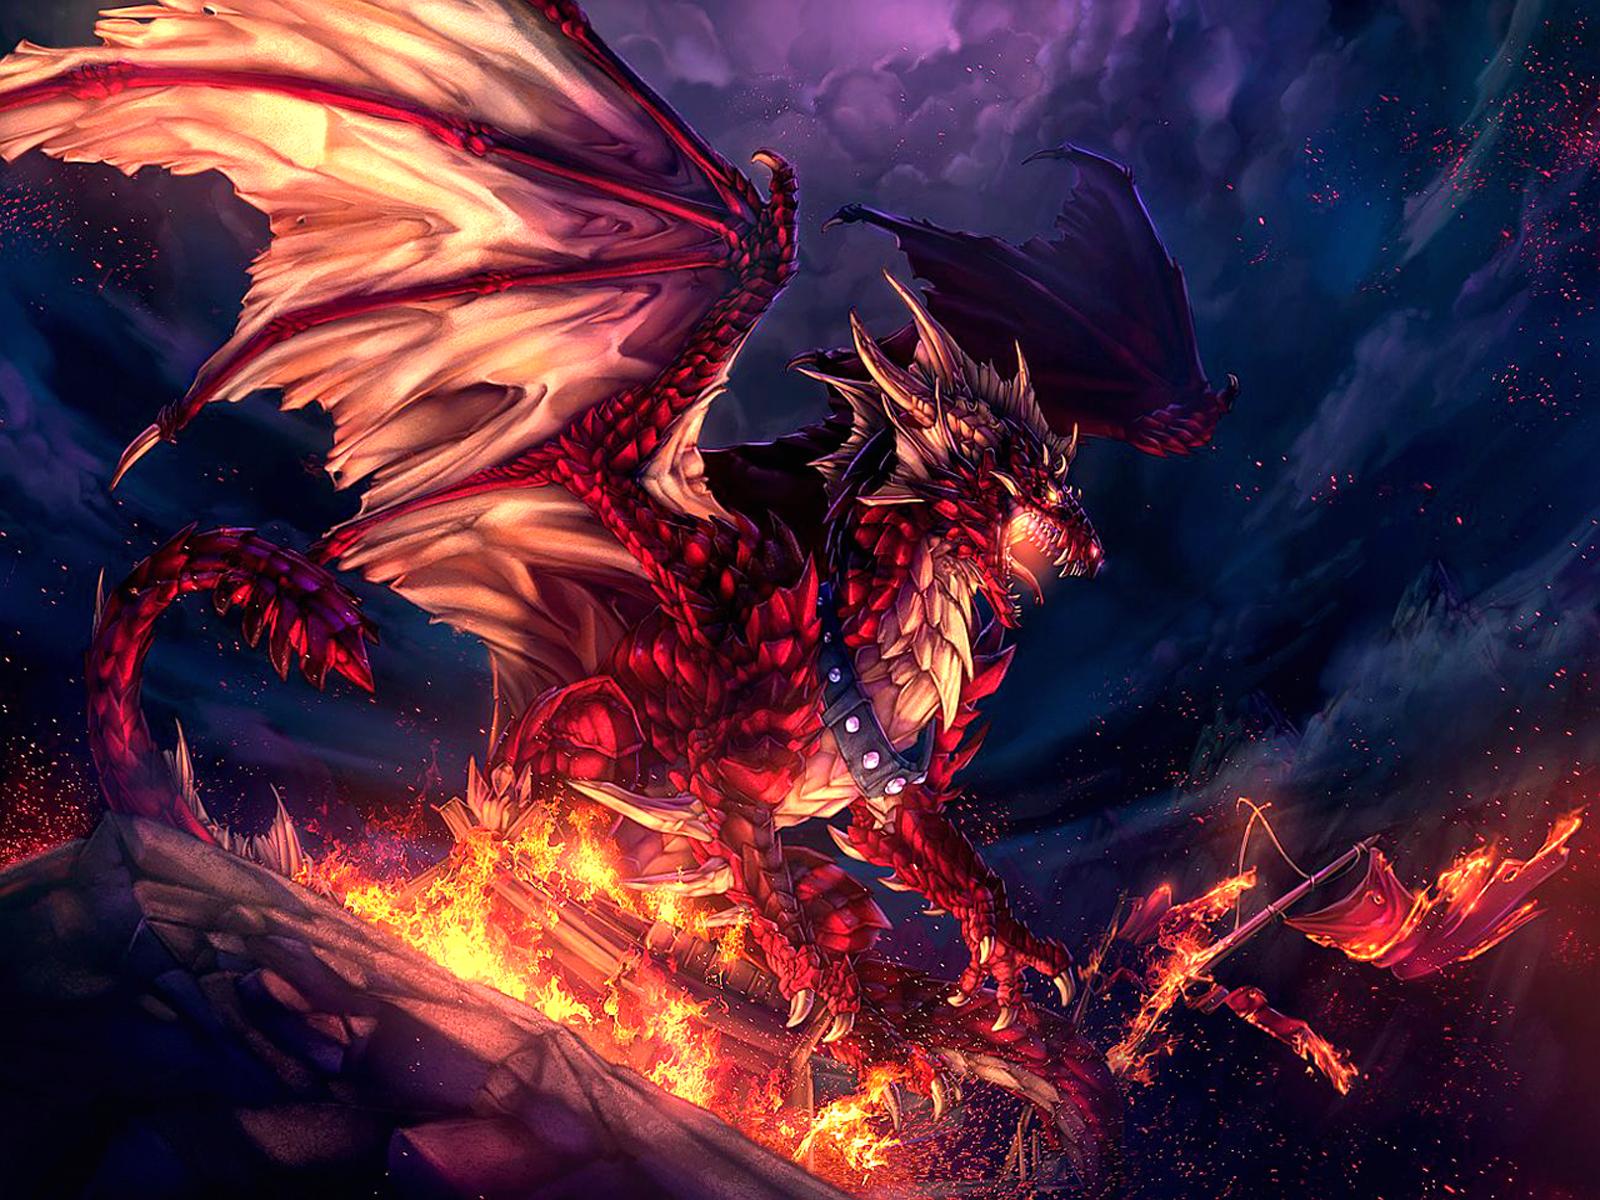 dragon wallpaper 1600x1200 - photo #21